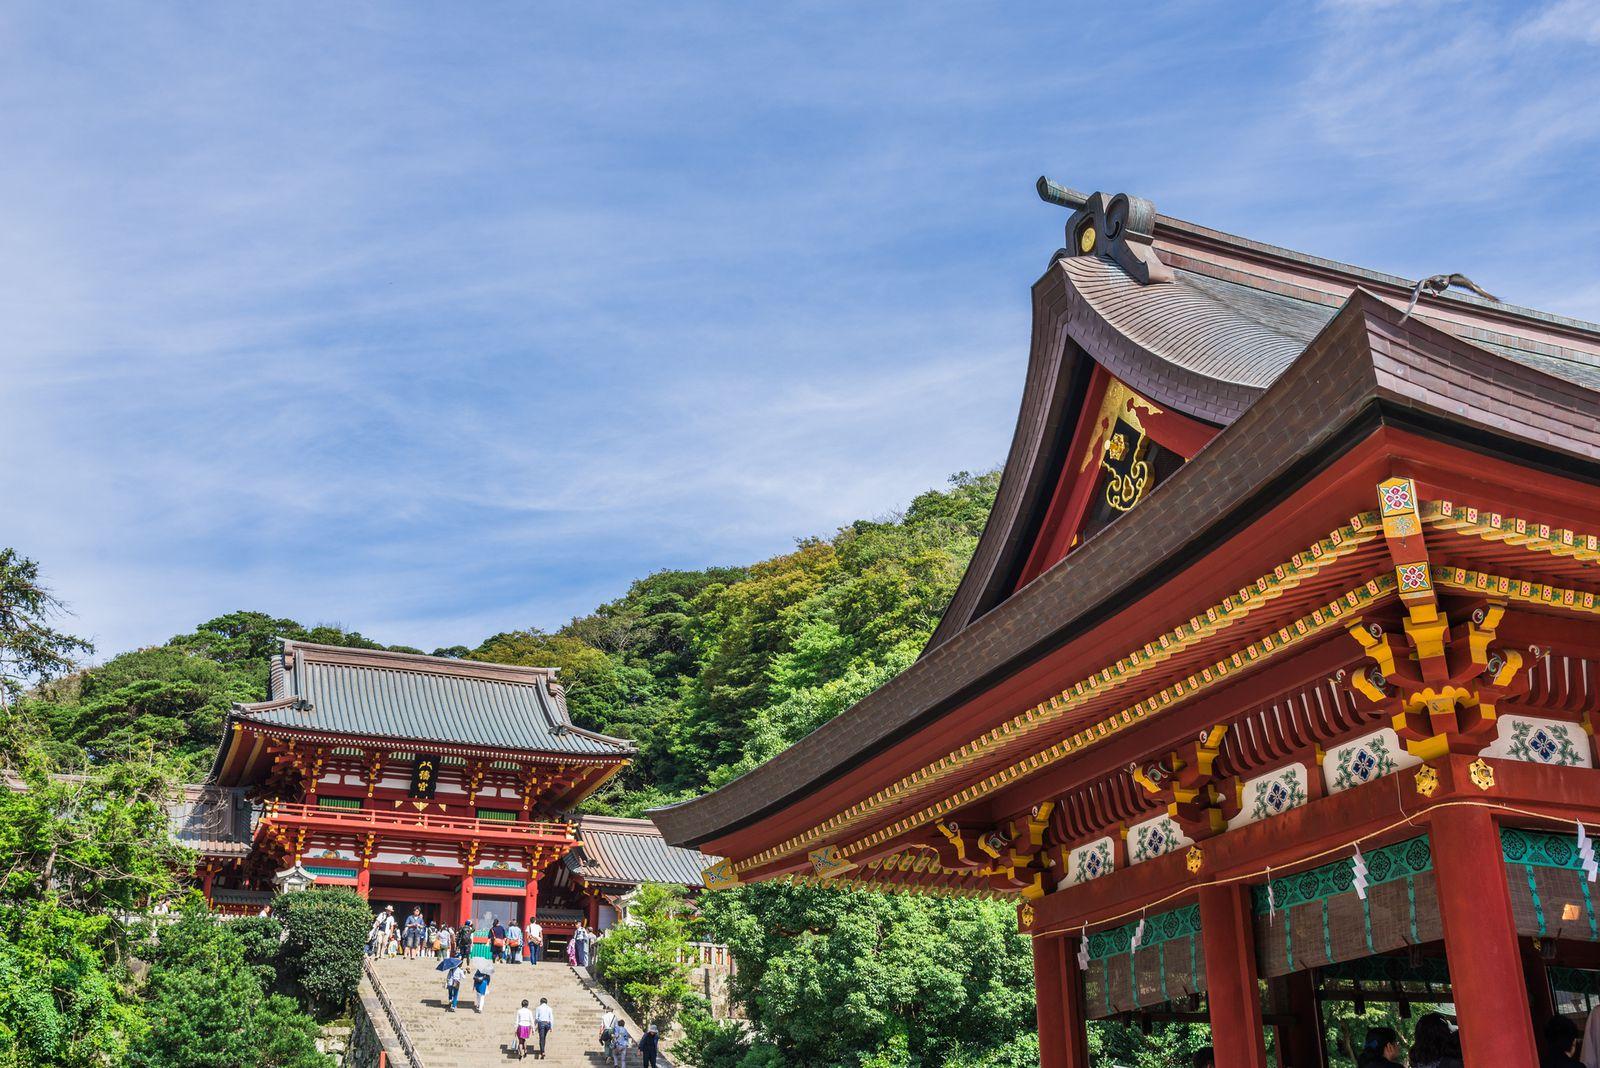 観光で訪れたい人気スポット!鎌倉のおすすめ神社・寺ランキングTOP15 18枚目の画像